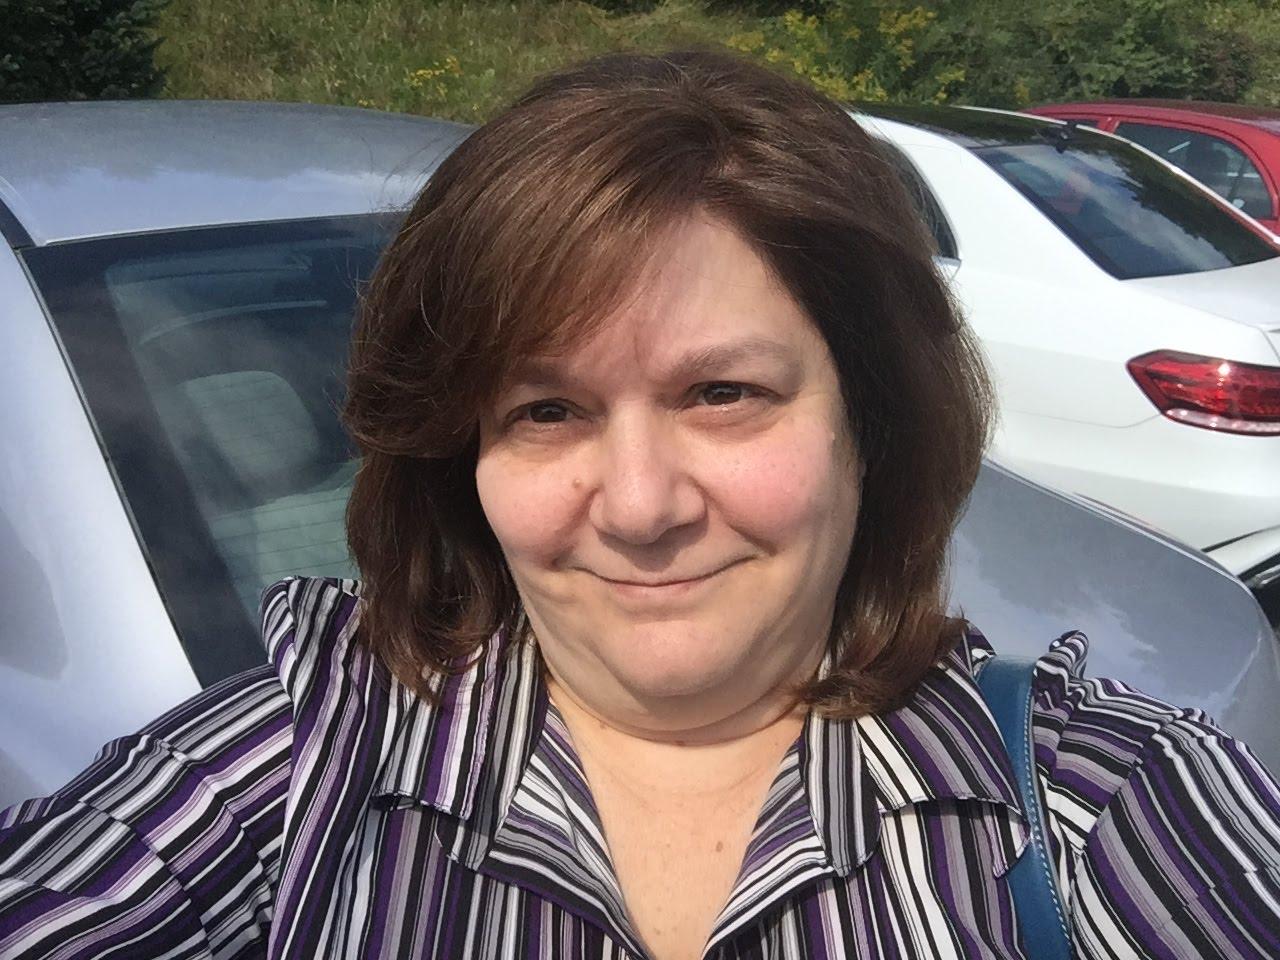 Annette Holleger